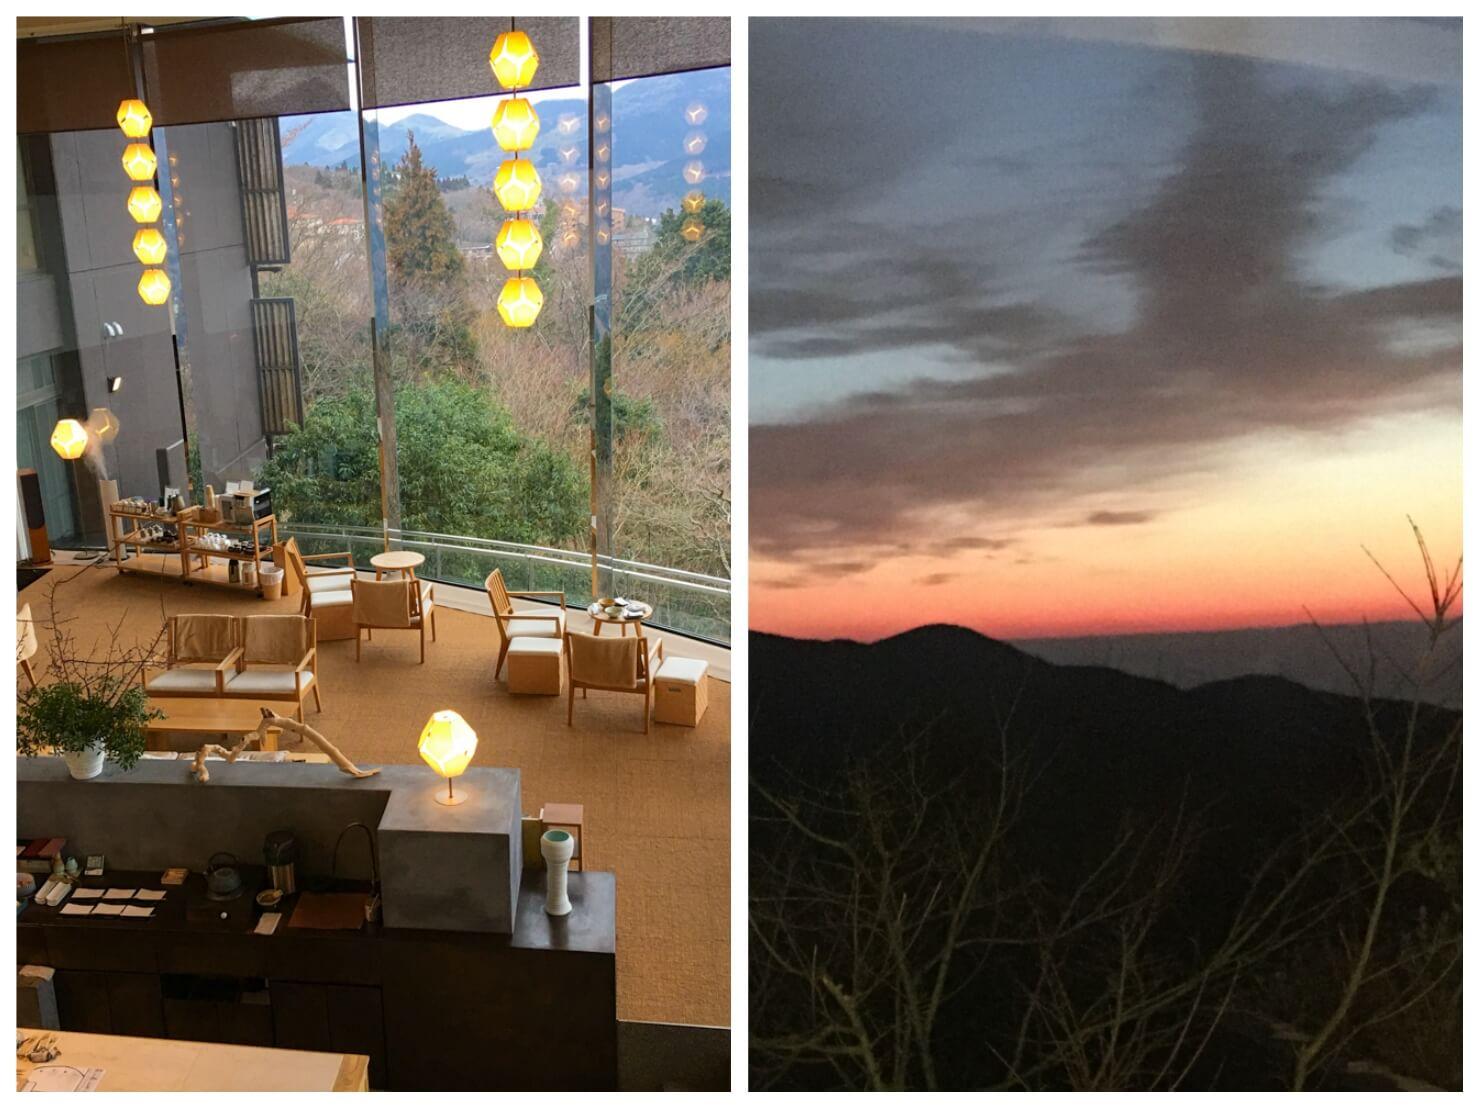 旅館のロビーや朝焼けの写真